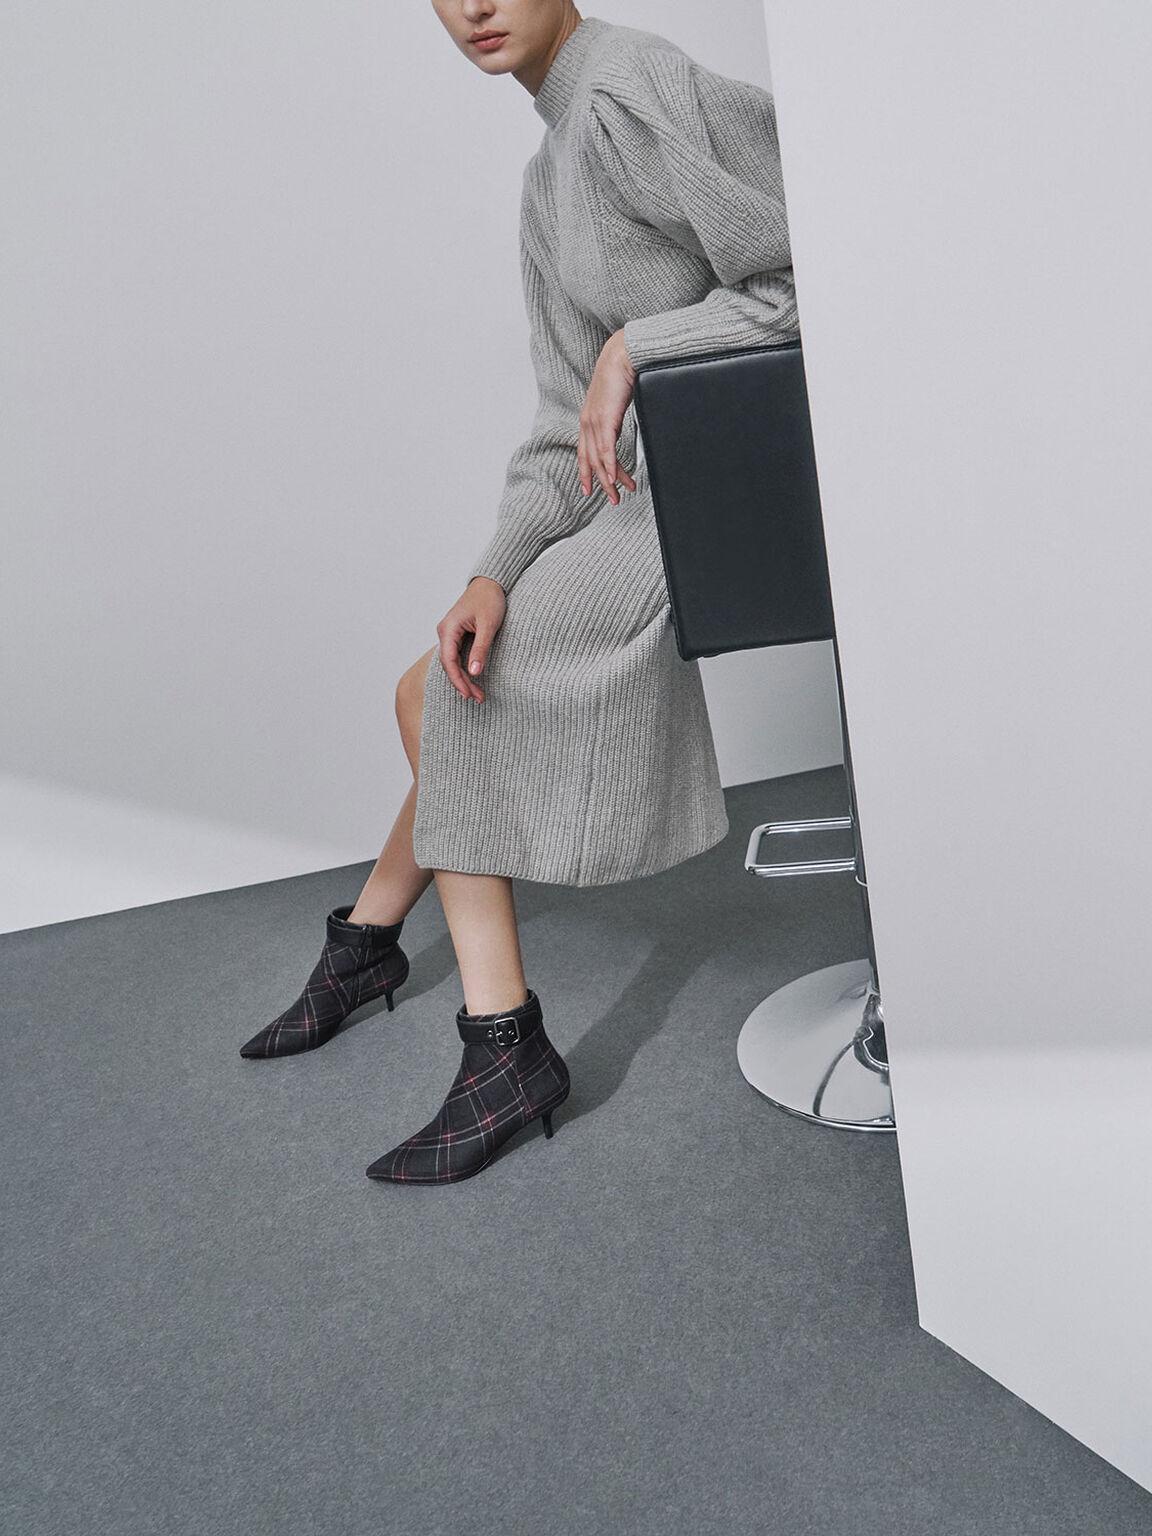 Check Print Buckle Kitten Heel Boots, Dark Blue, hi-res